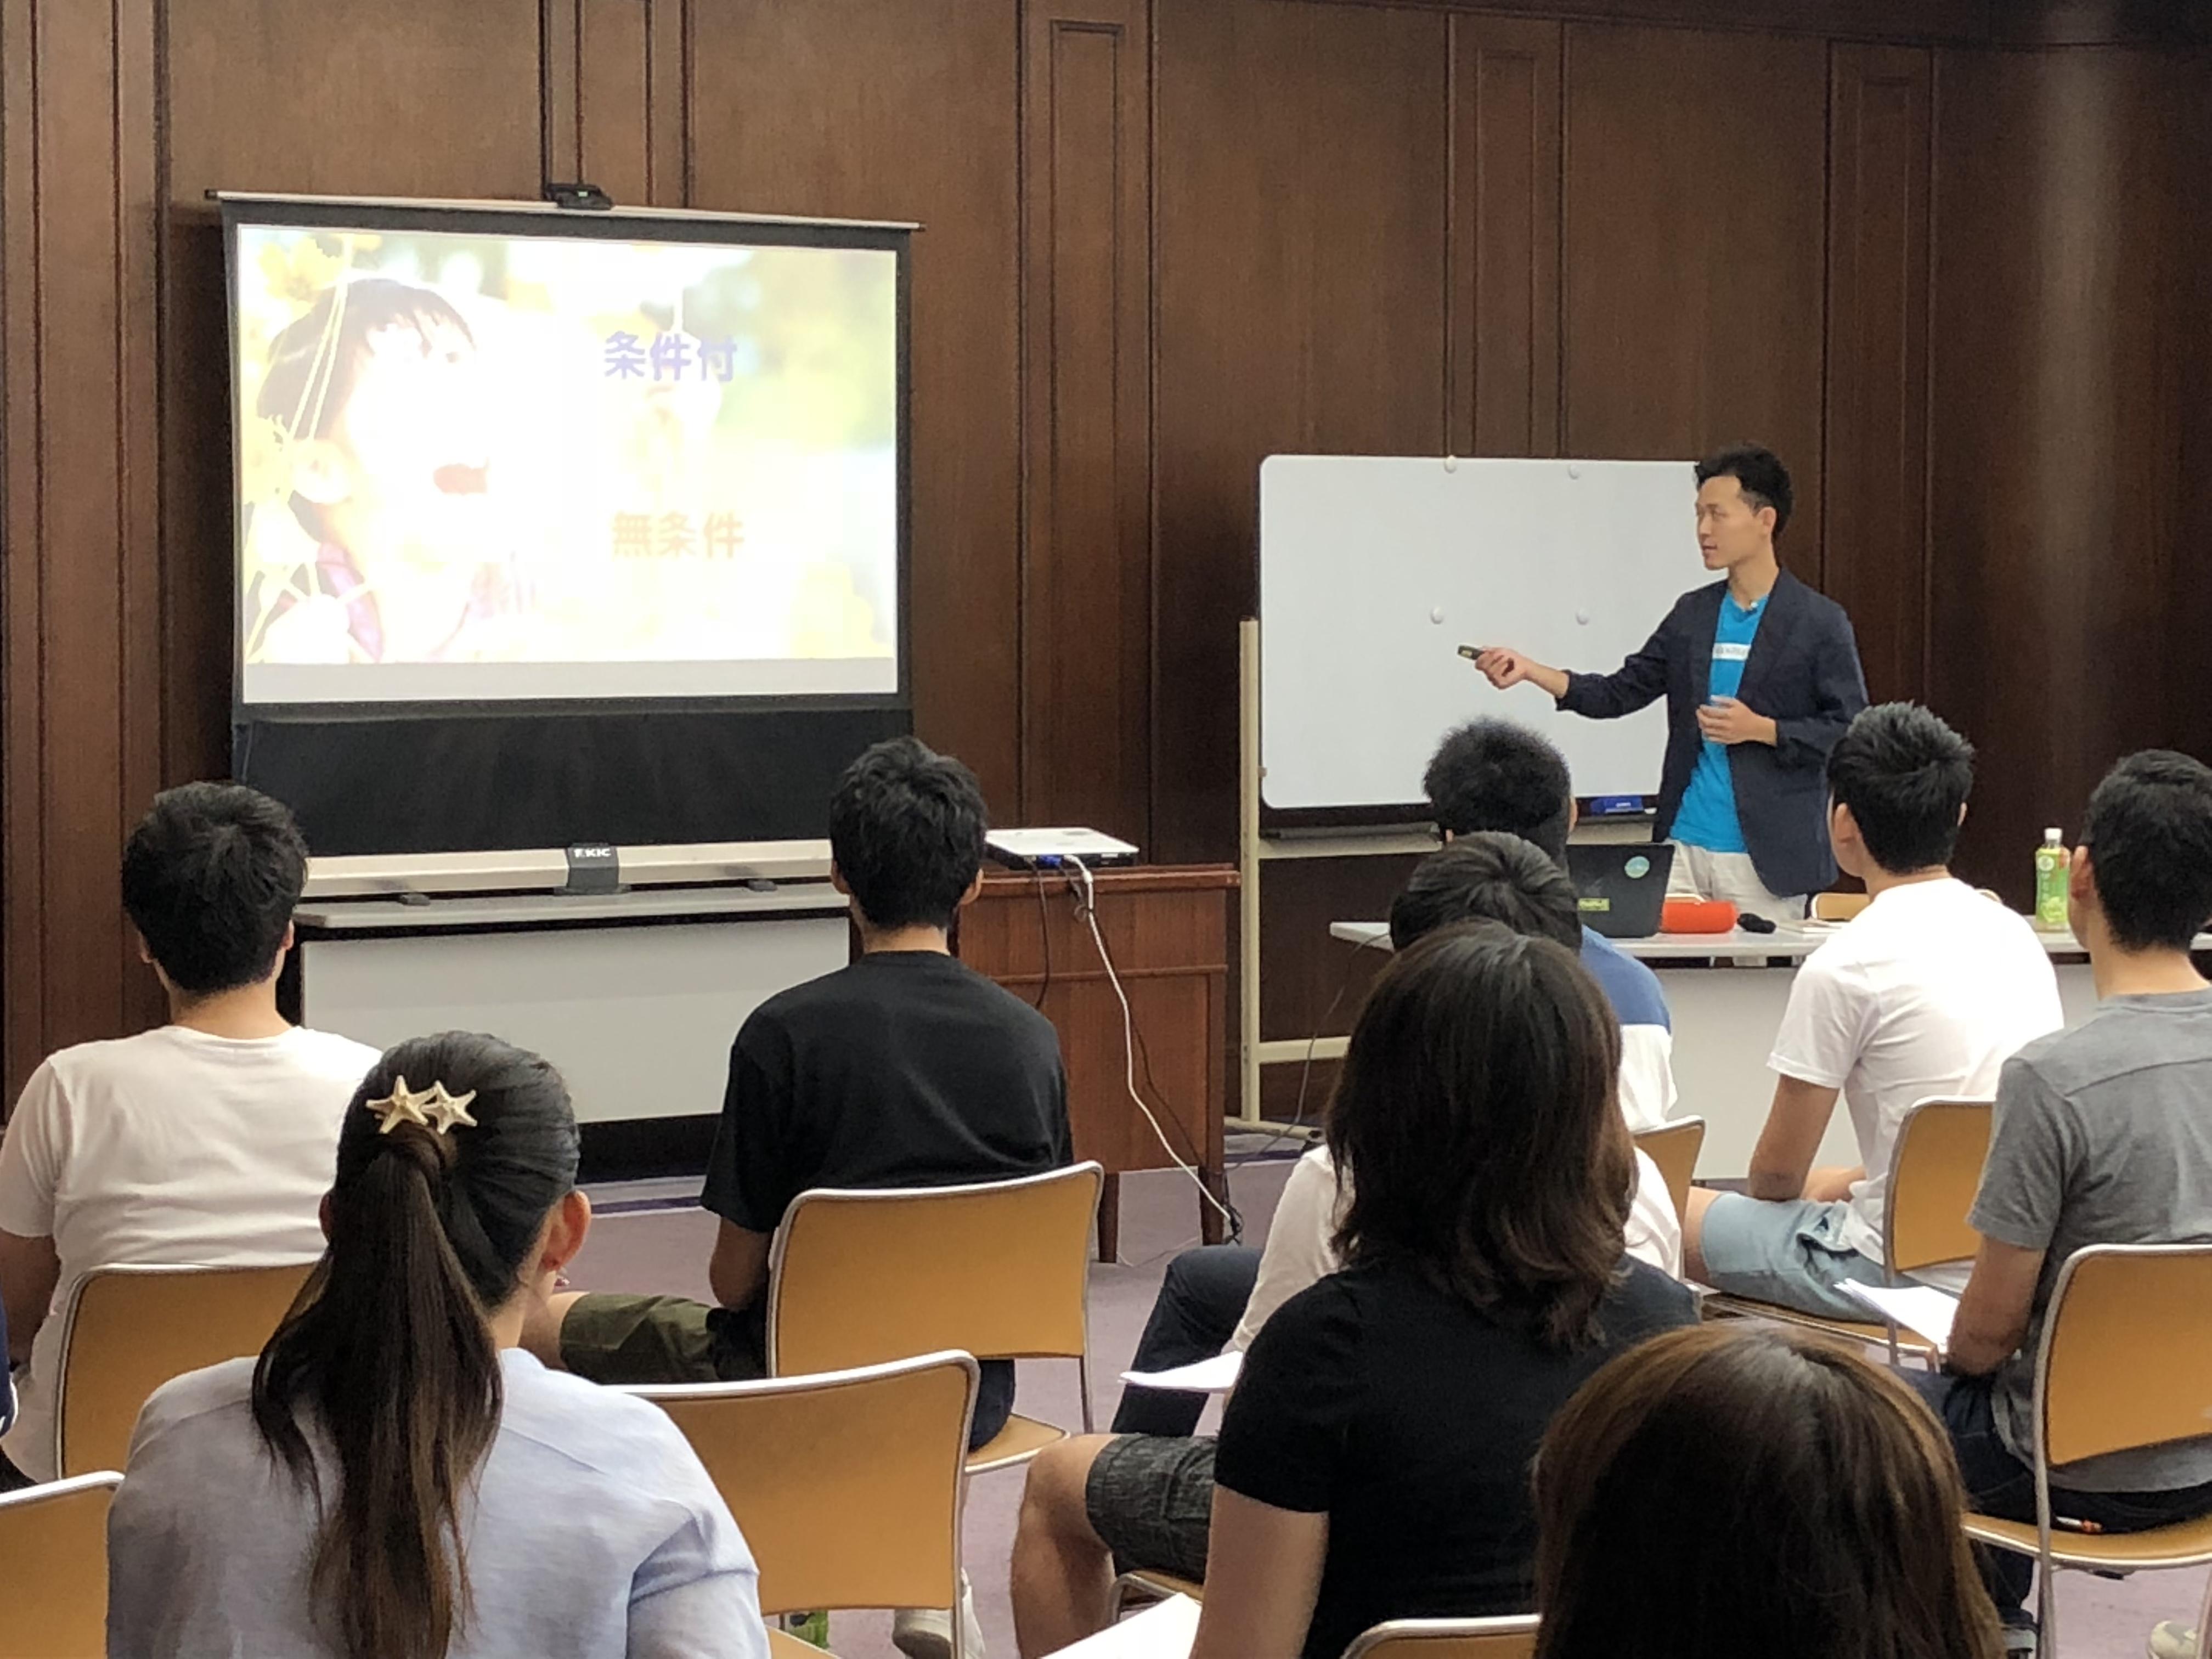 組合のメンタルヘルスセミナーも対応。近畿大阪銀行従業員組合で実施!